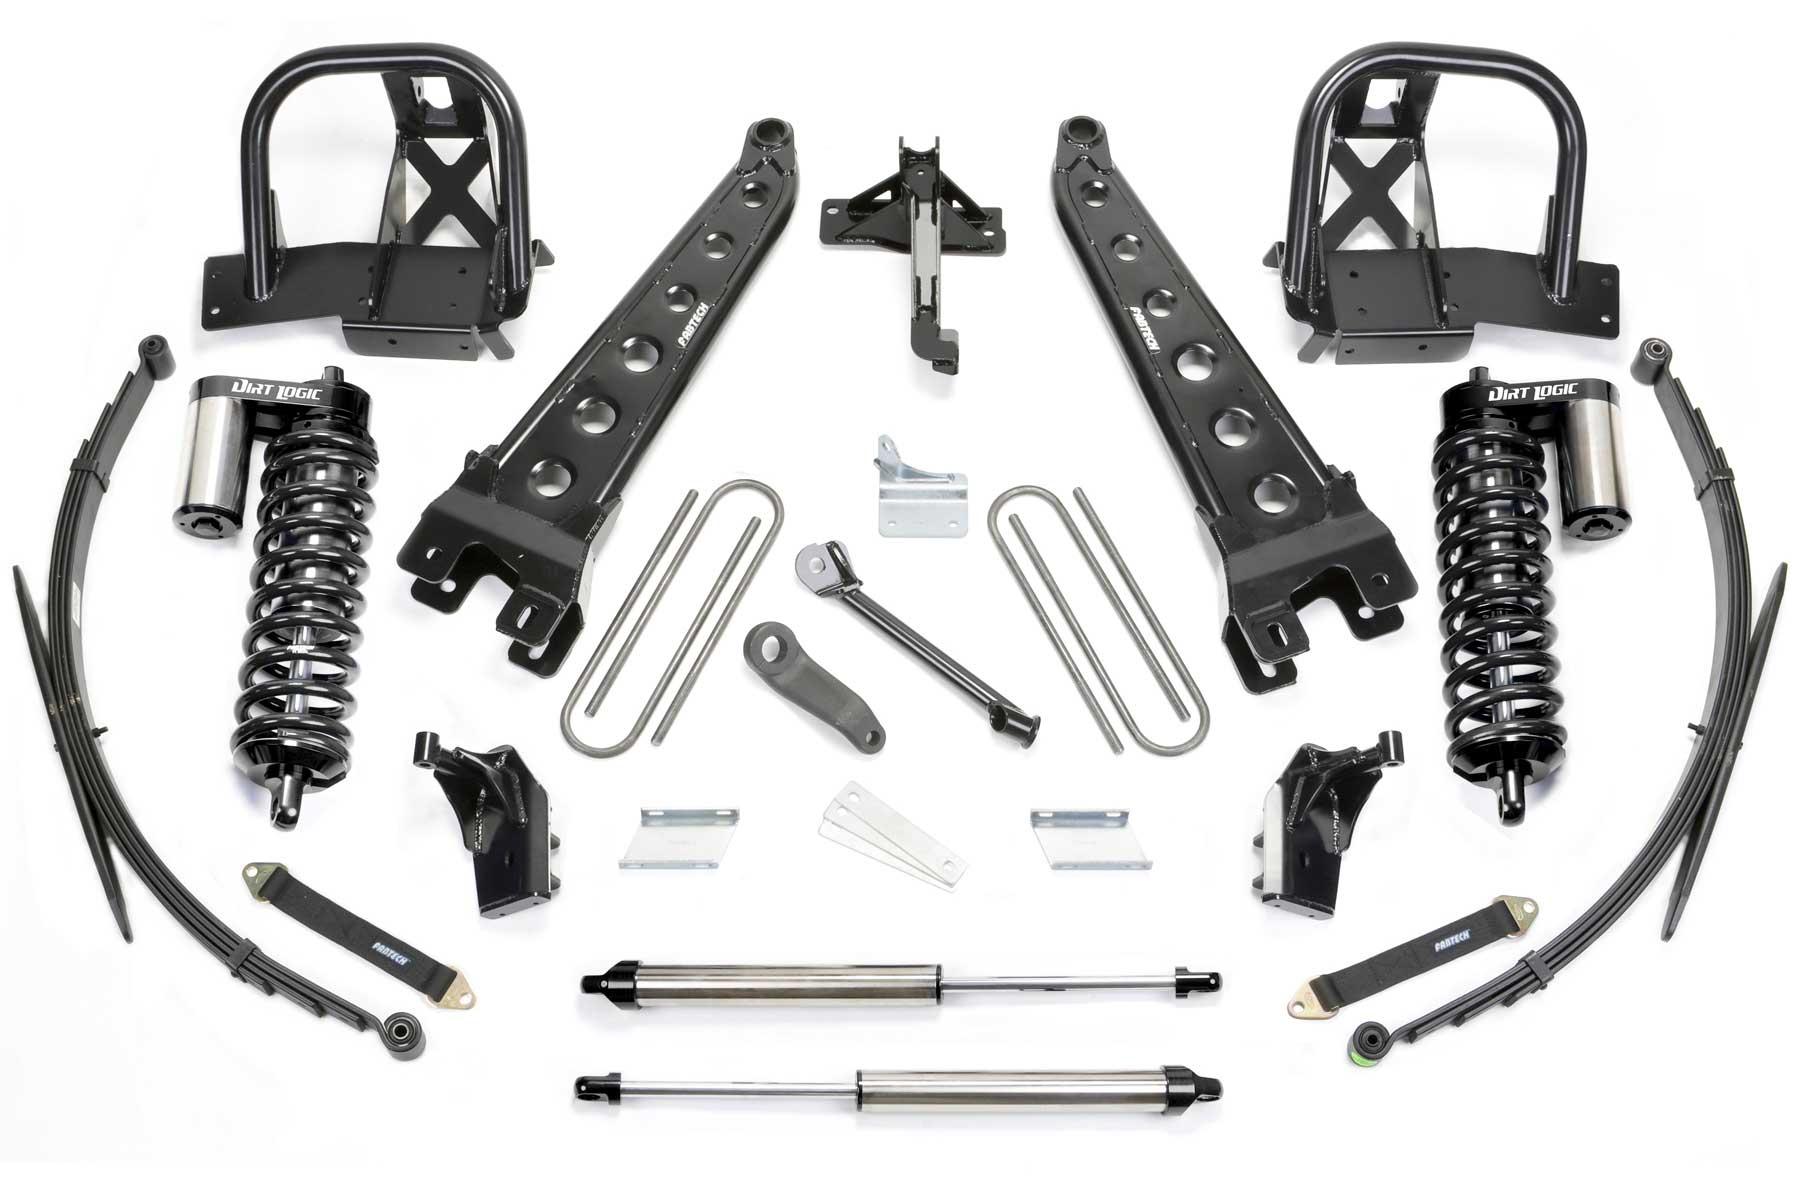 E30 Fuel Pump Harness